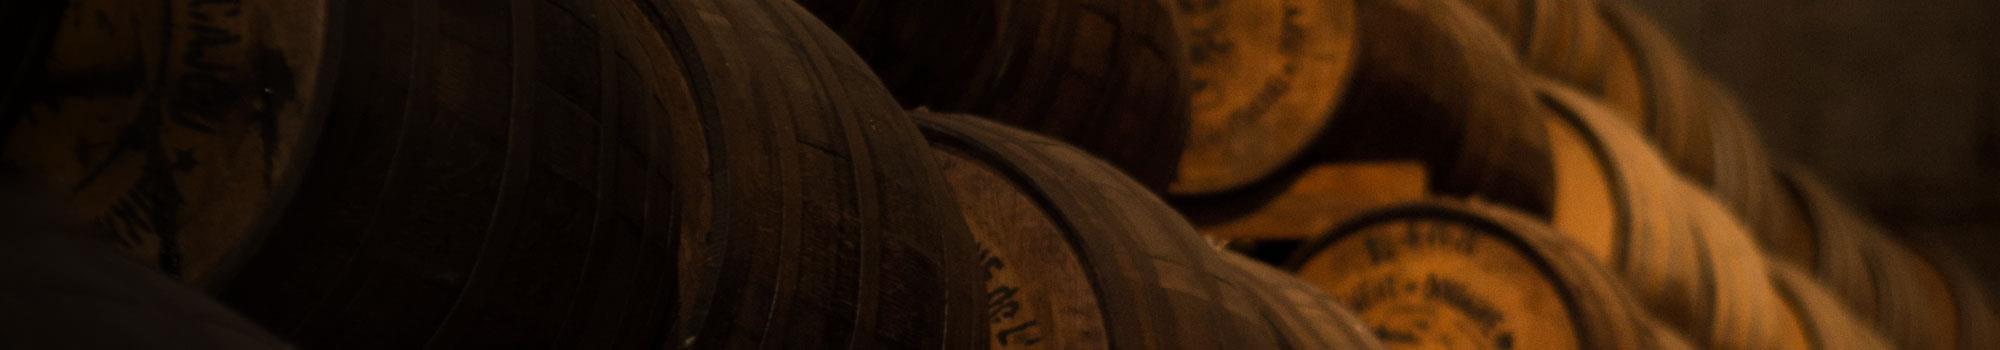 Irish Grain Whiskey